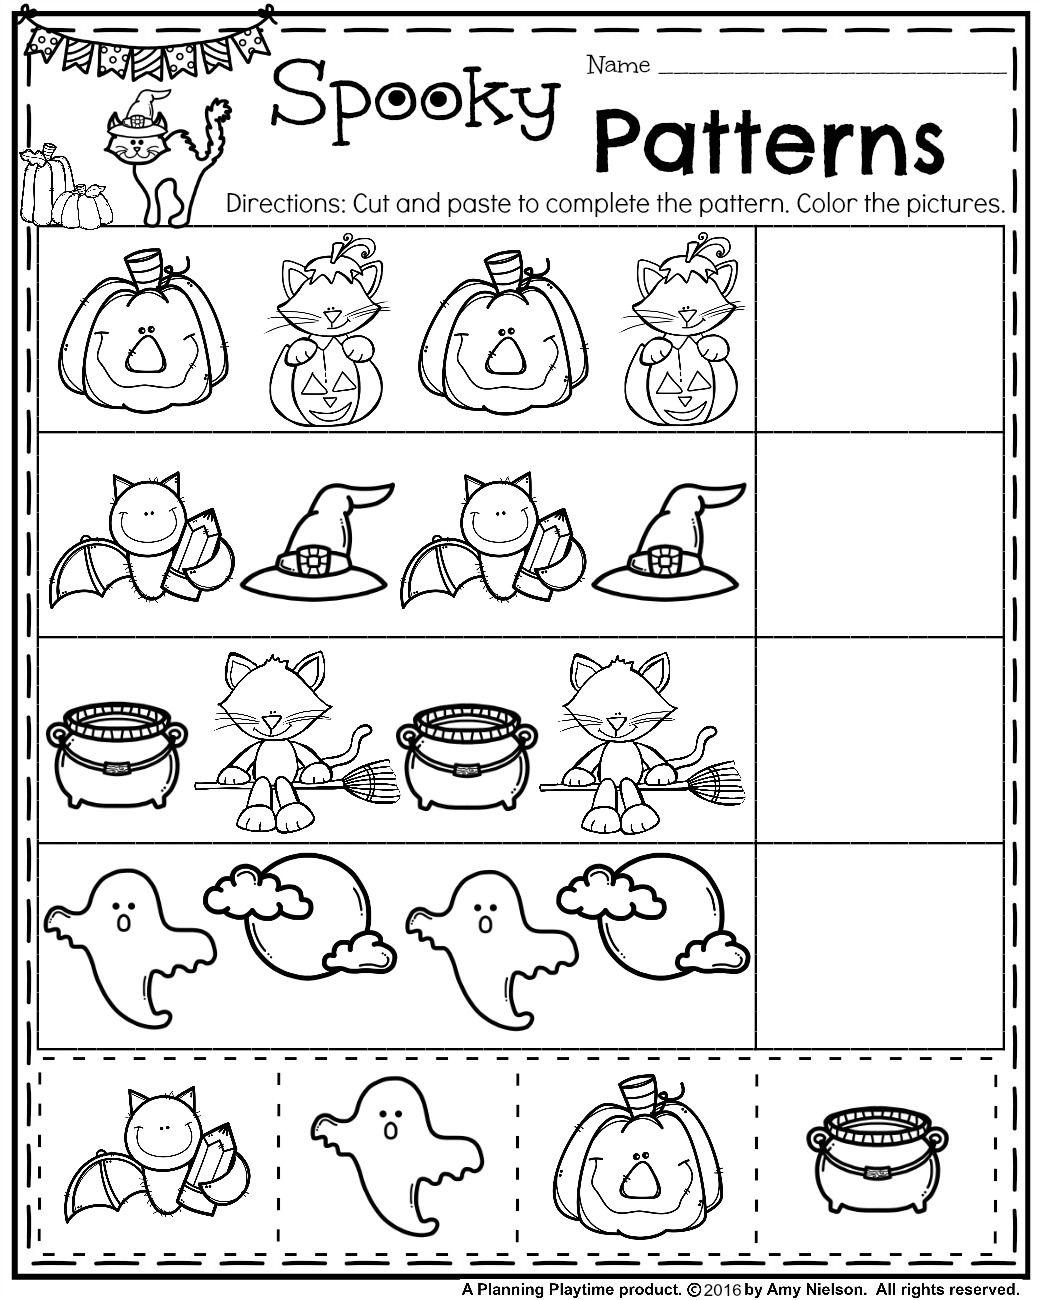 October Preschool Worksheets - Planning Playtime | Halloween